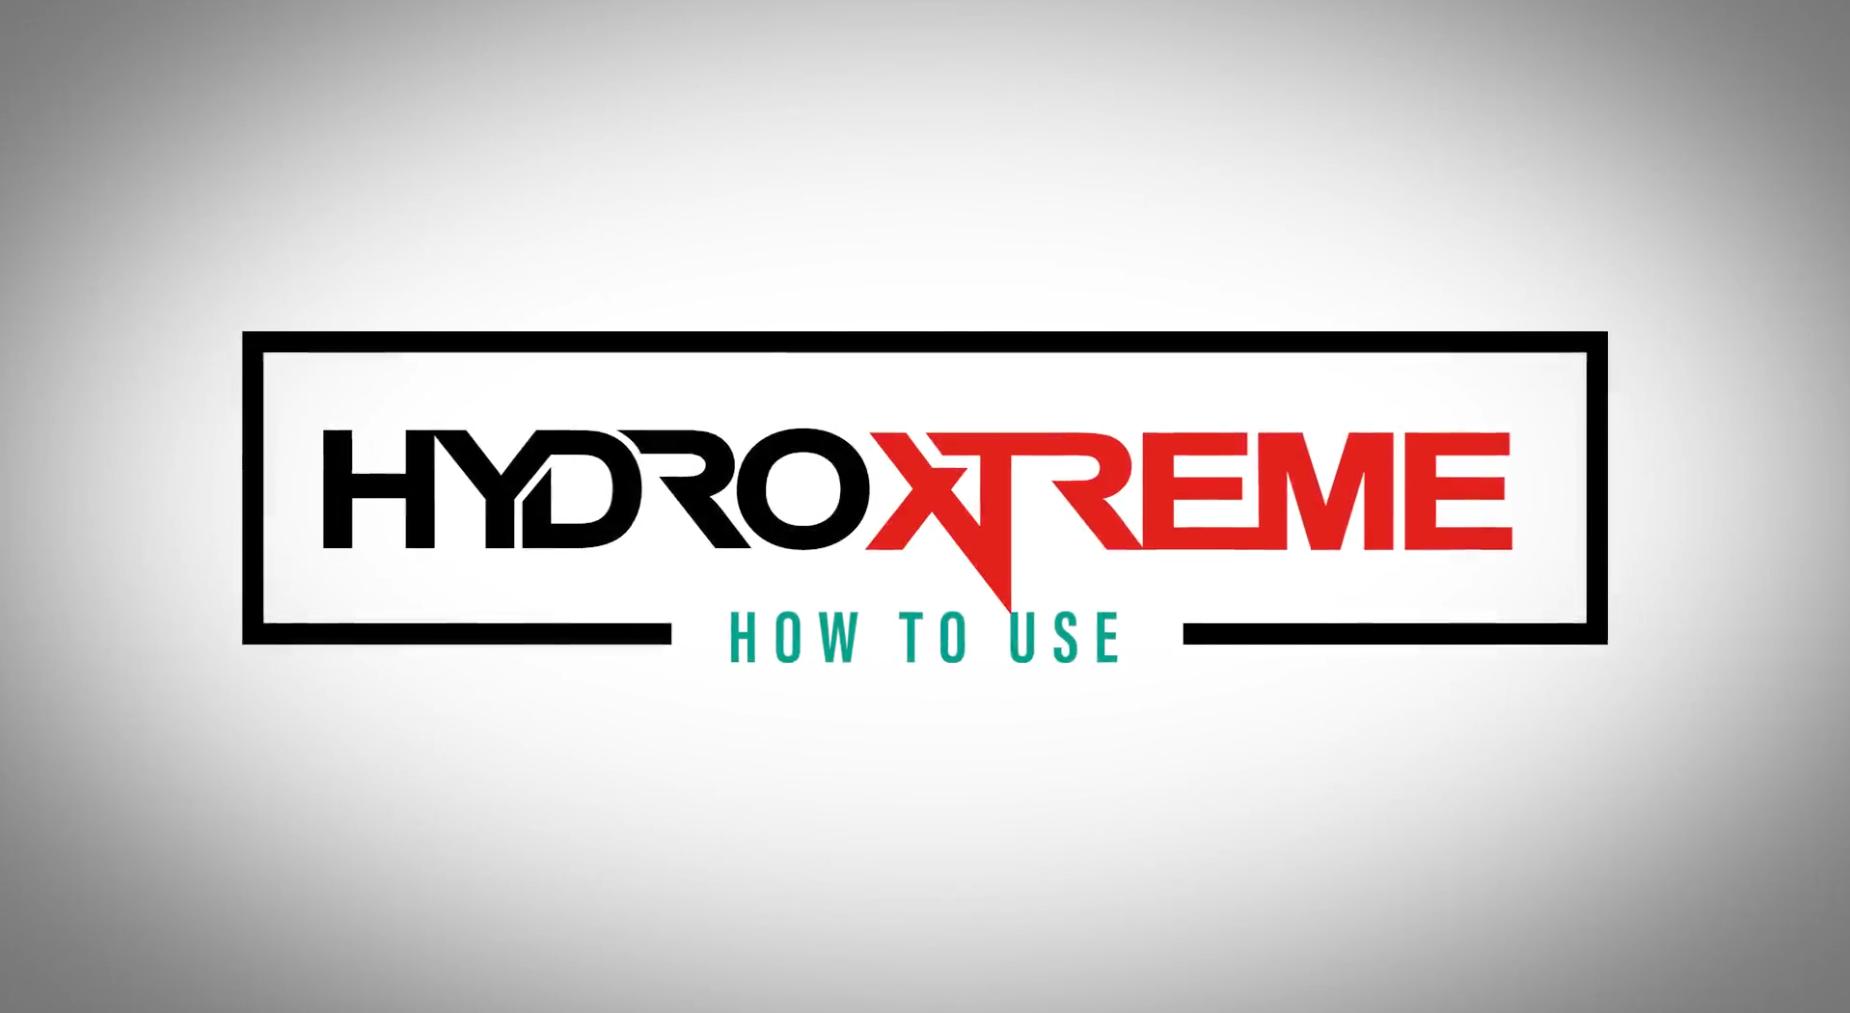 how to use a bathmate